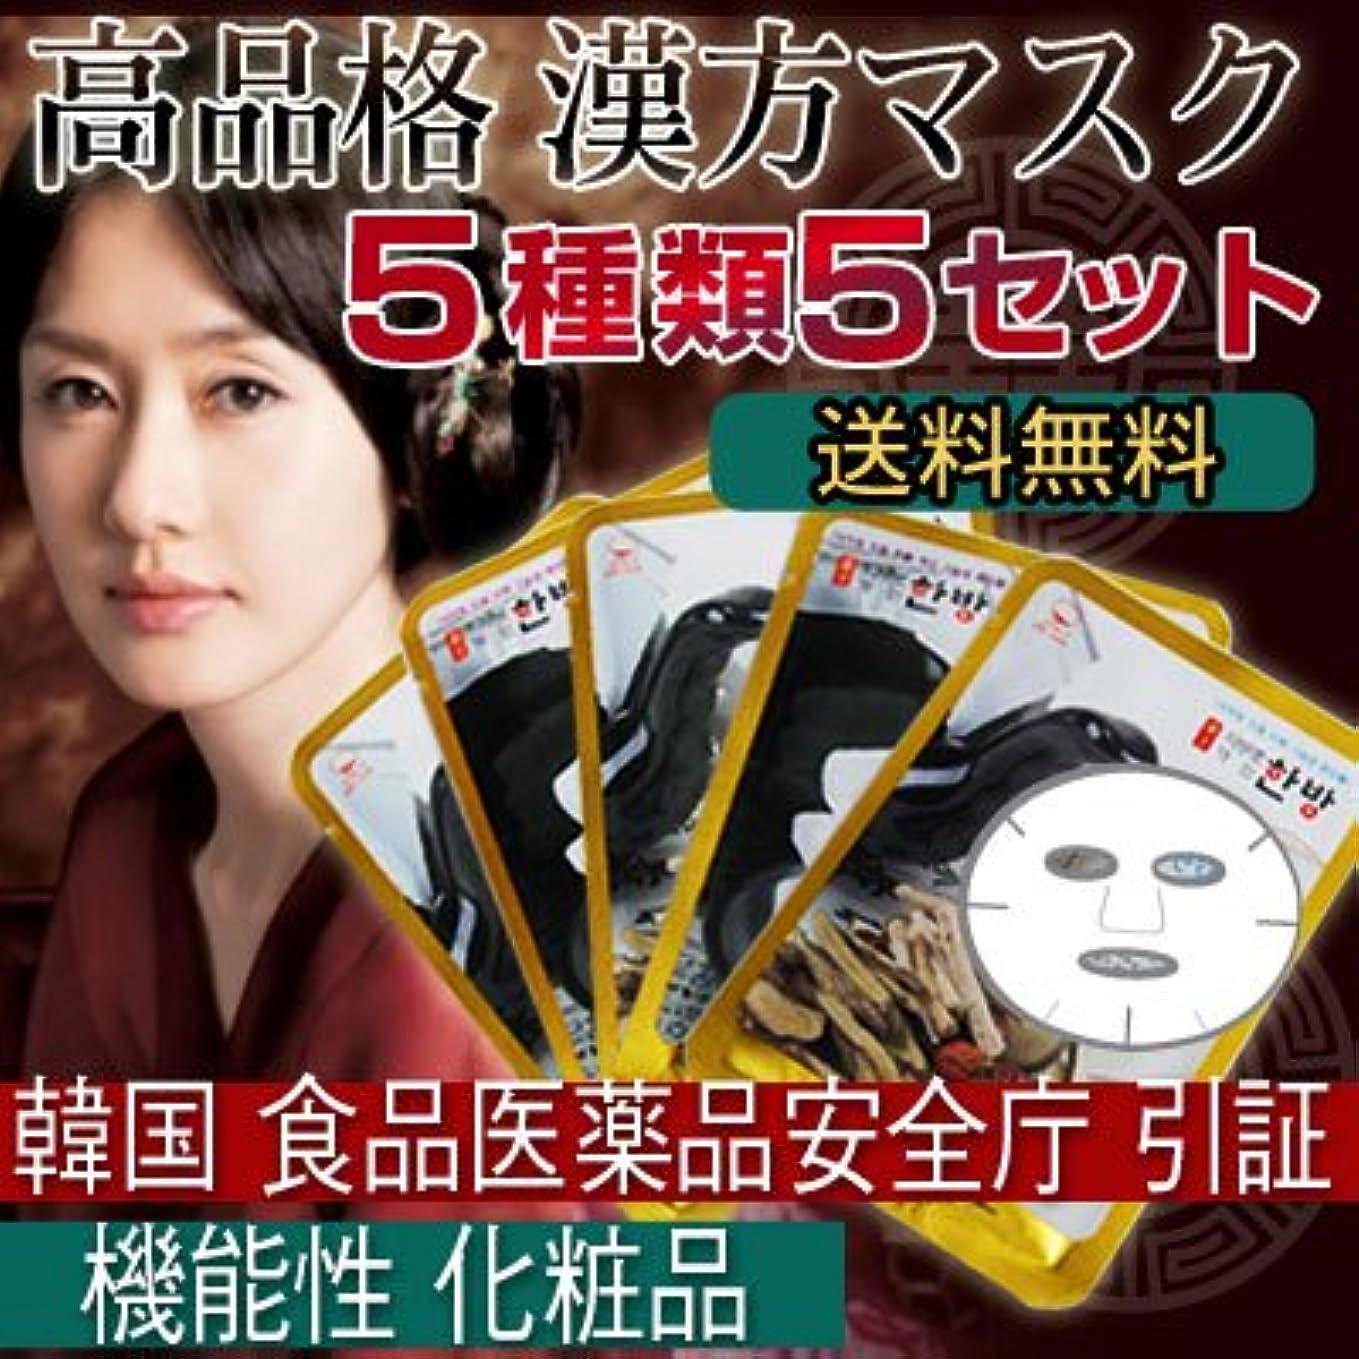 量約悪質な漢方シートマスクパック 5種類5セット